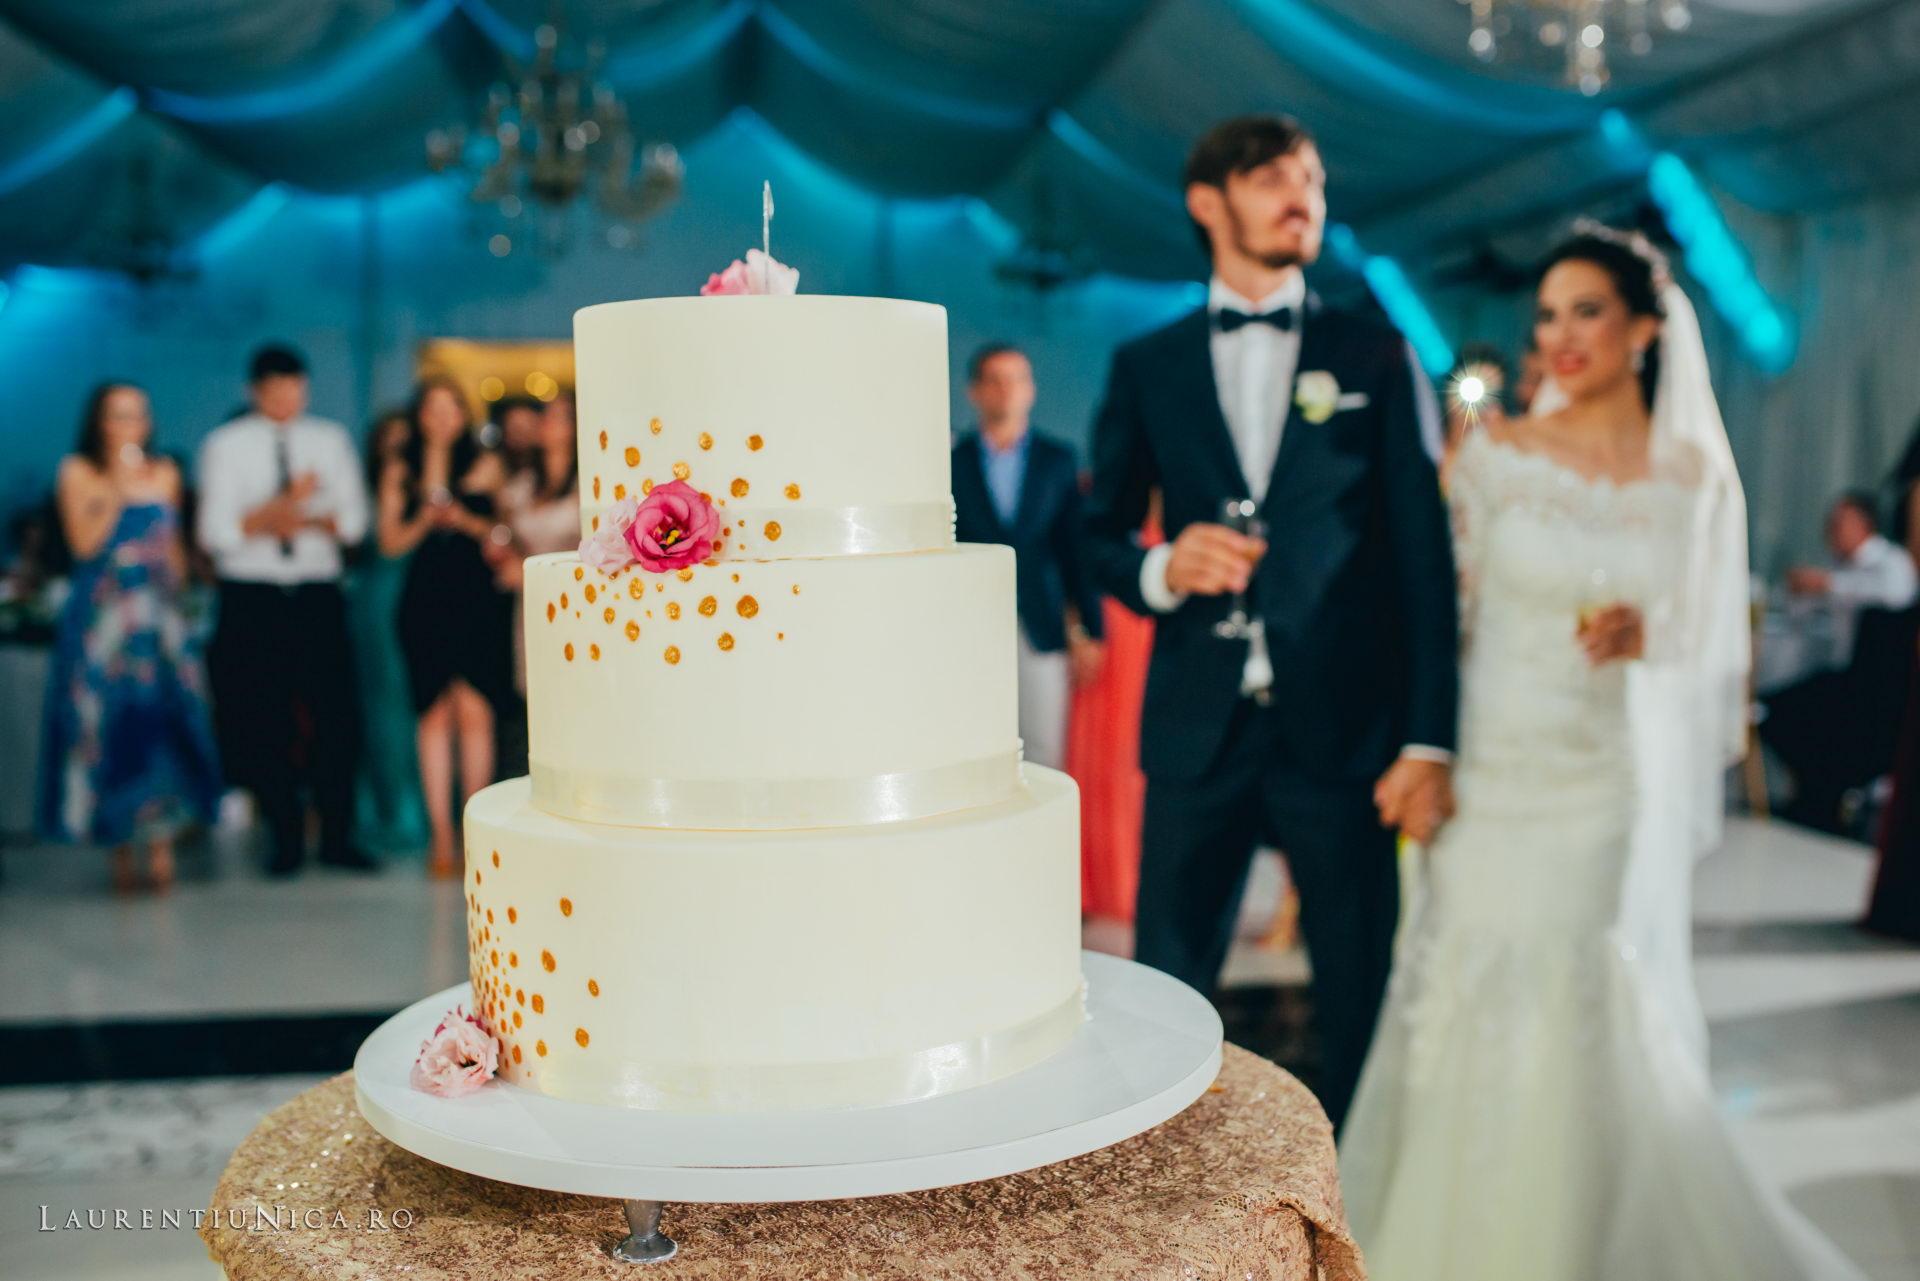 Cristina si Ovidiu nunta Craiova fotograf laurentiu nica 133 - Cristina & Ovidiu | Fotografii nunta | Craiova